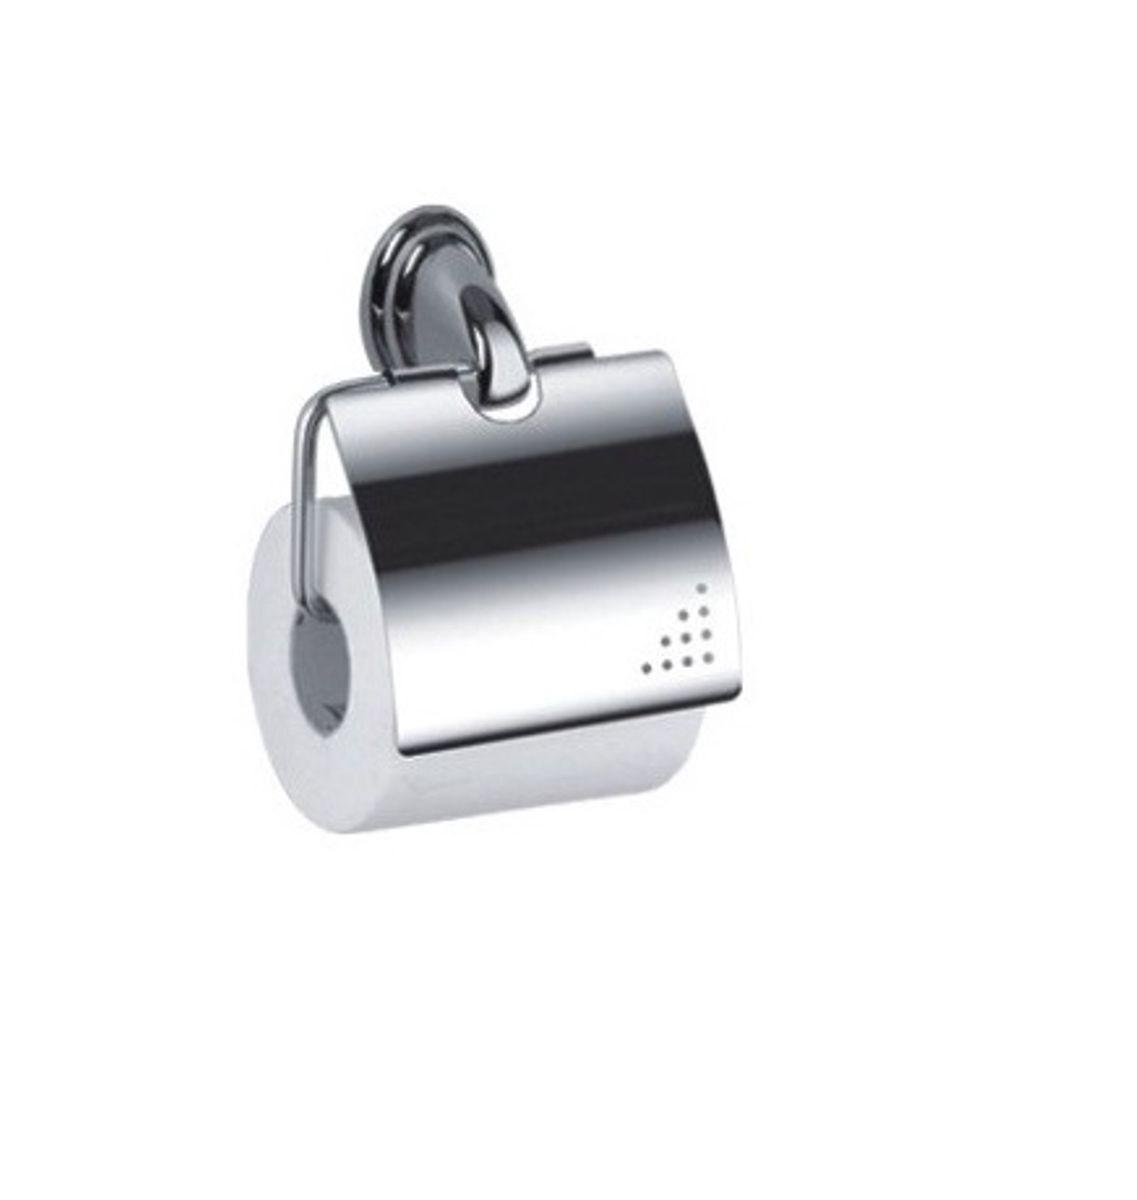 Держатель для туалетной бумаги Vanstore Овал, с крышкой, 12 х 11 х 5 см003-28Держатель для туалетной бумаги Vanstore Овал, выполненный из высококачественной стали, оснащен металлической крышкой. Изделие крепится на стену с помощью шурупов (входят в комплект). Держатель поможет оформить интерьер в выбранном стиле, разбавляя пространство туалетной комнаты различными элементами. Он хорошо впишется в любой интерьер, придавая ему черты современности. Размер держателя: 12 х 11 х 5 см.